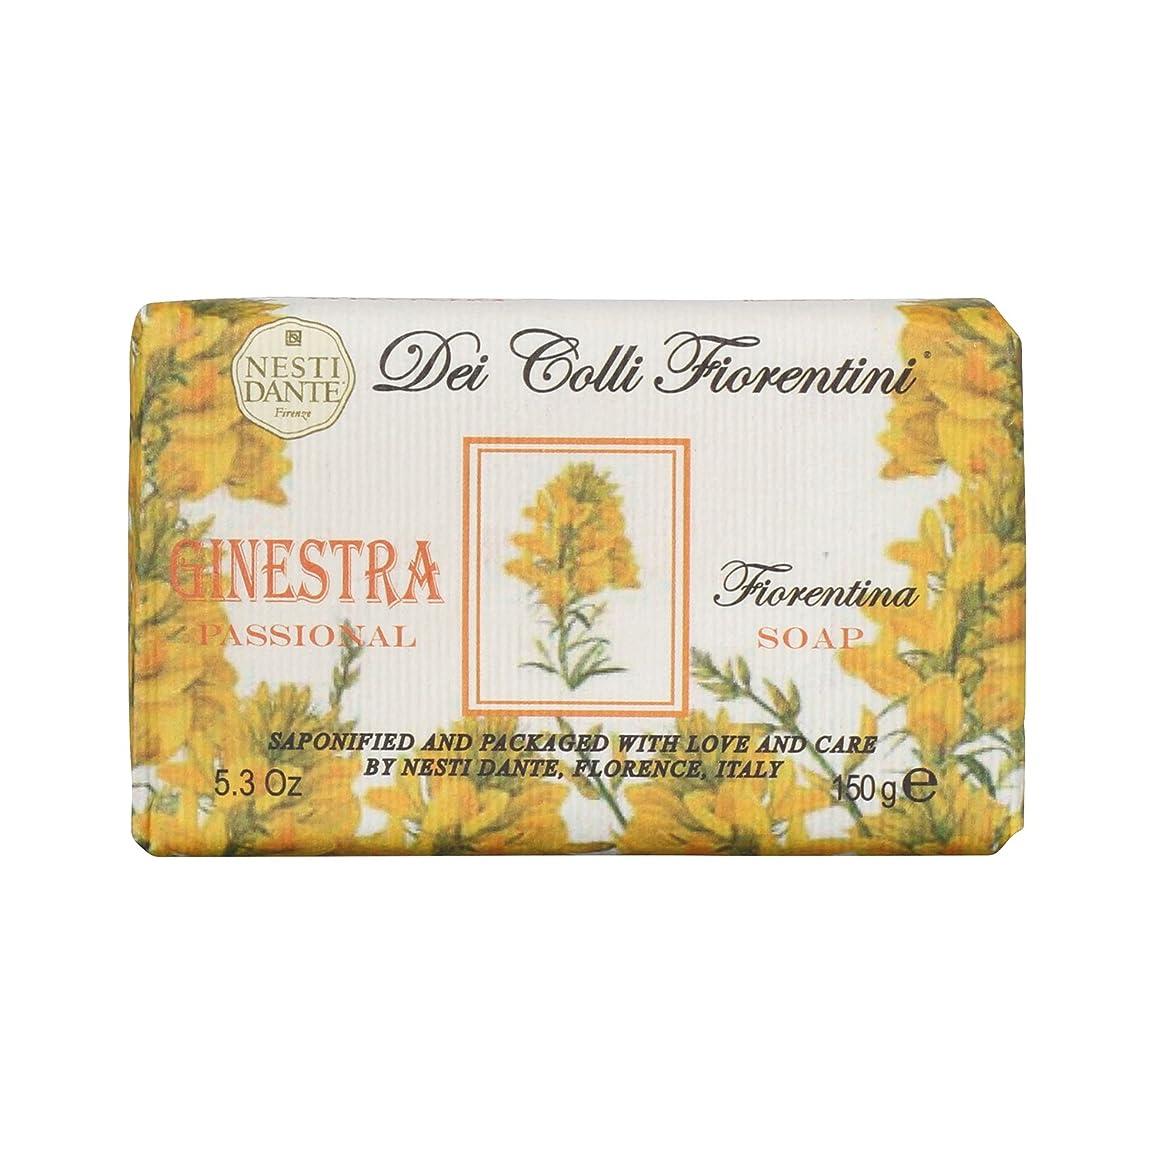 ブロッサムくしゃみ消毒剤Nesti Dante ネスティダンテ フィオレンティーニソープ ブルーム 150g